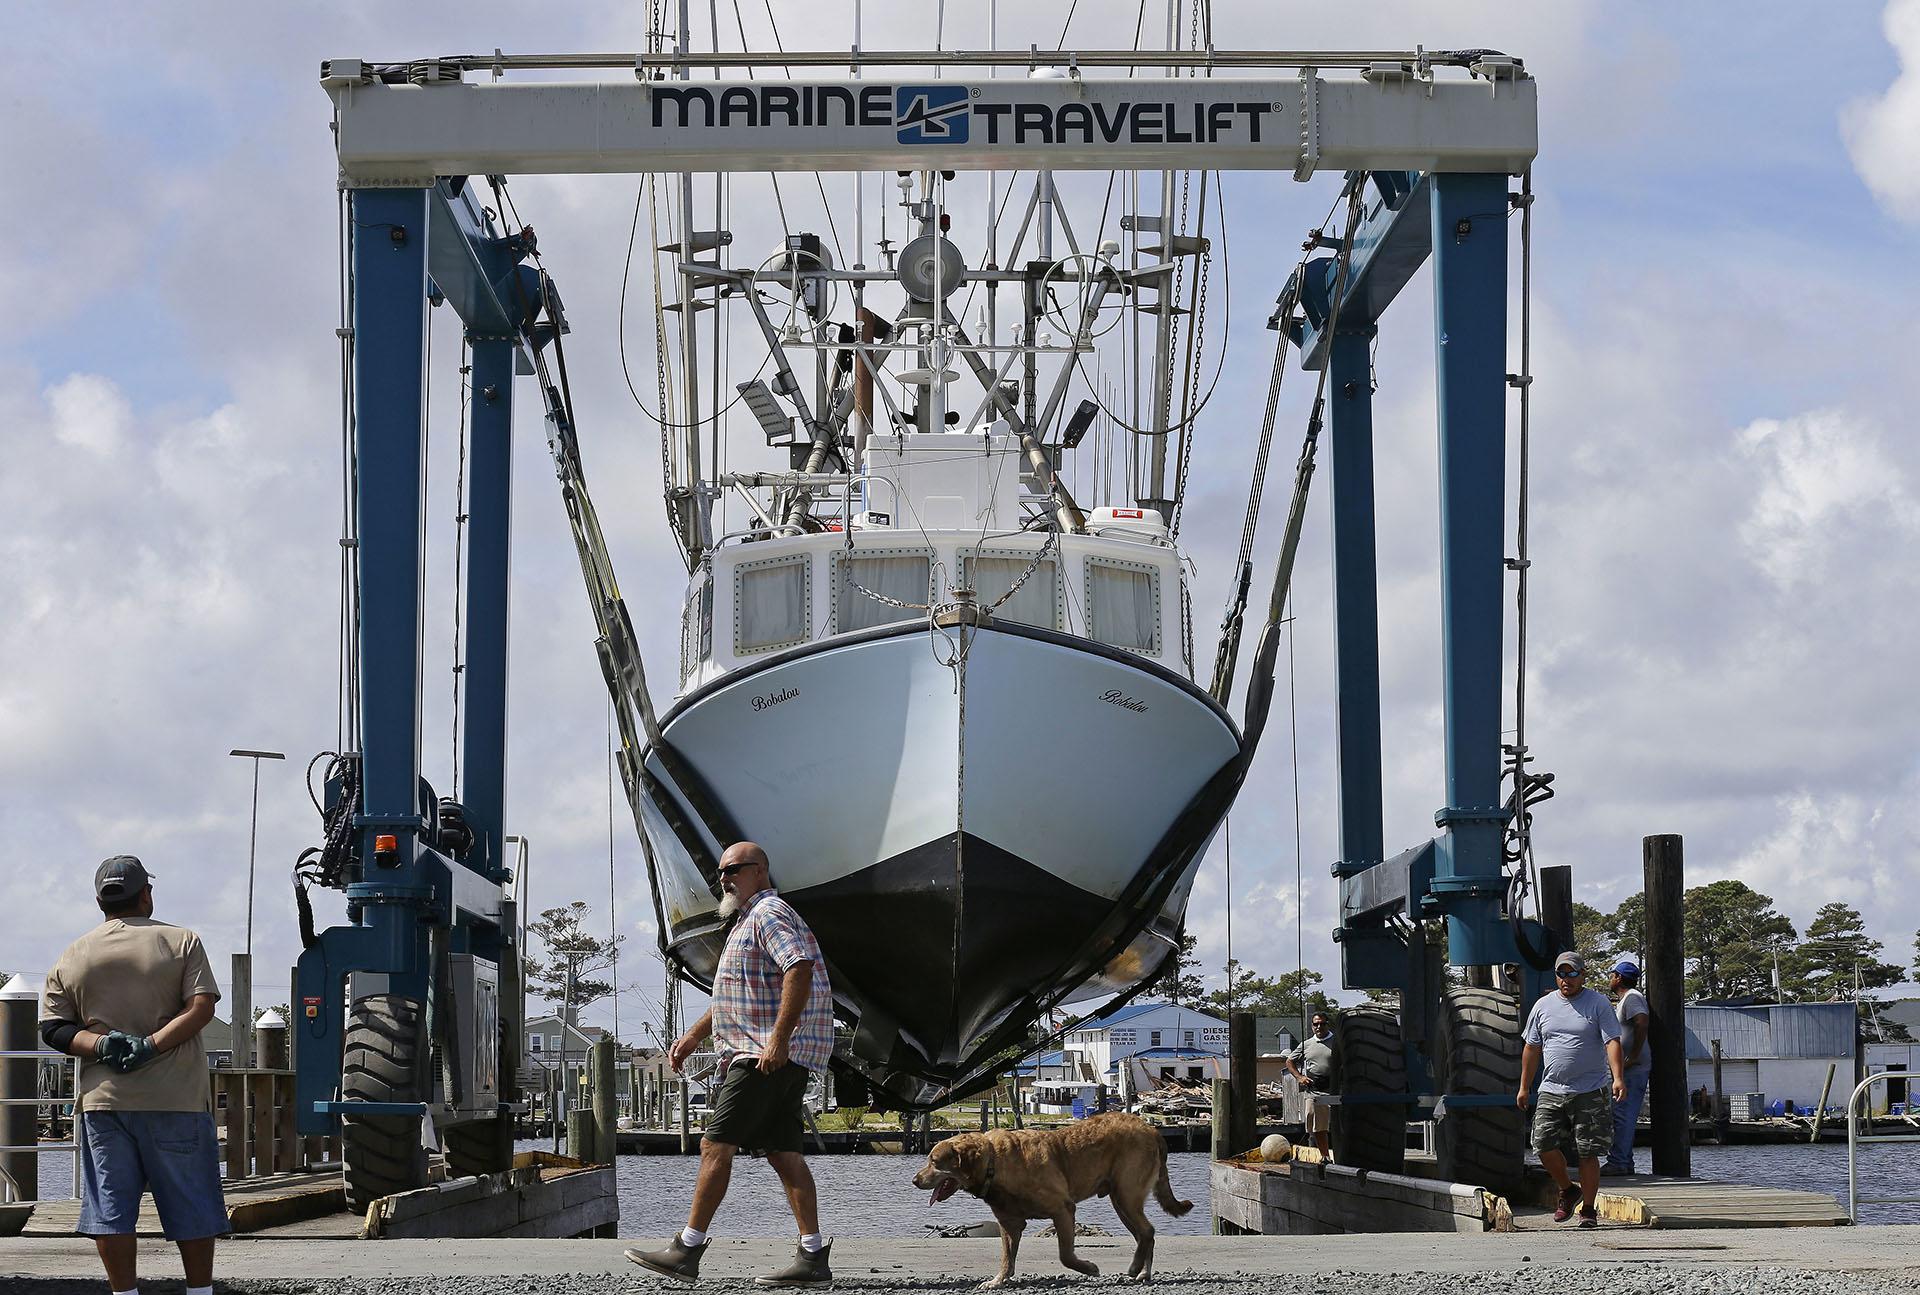 Los trabajadoressacan barcos fuera del agua en el puerto de Wanchese, Carolina del Norte (AP Photo/Gerry Broome)